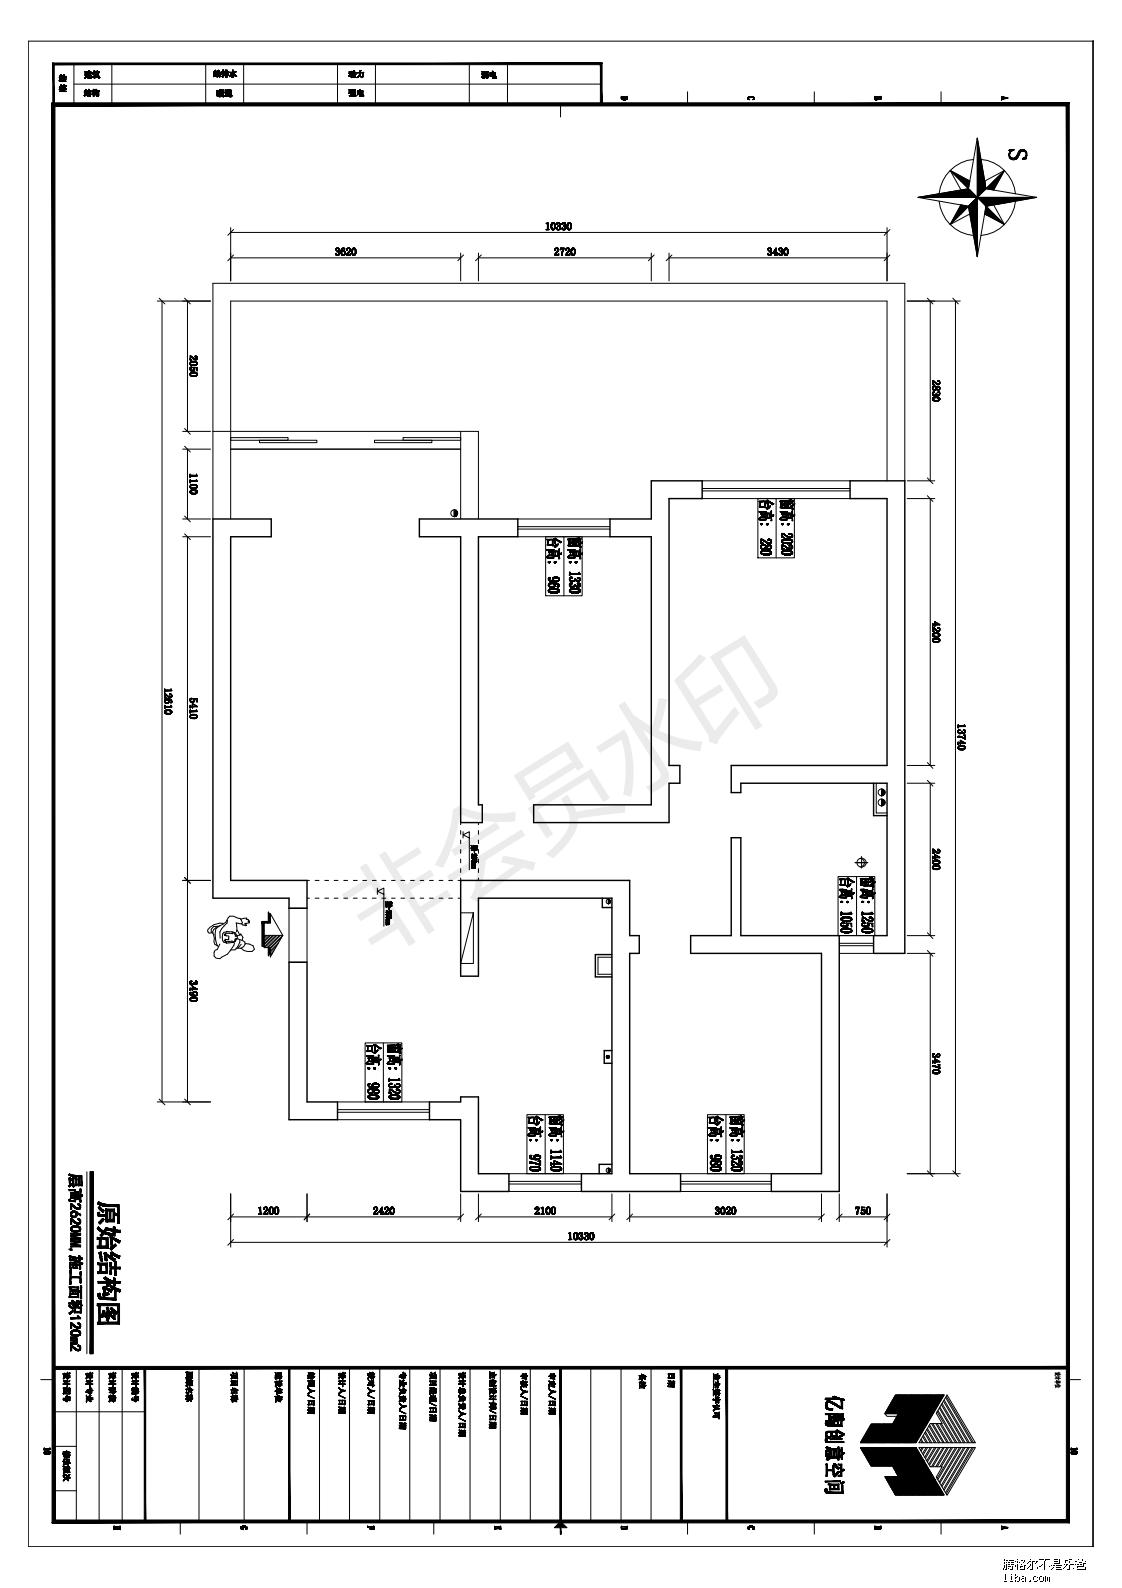 原始结构图(1)_00.png